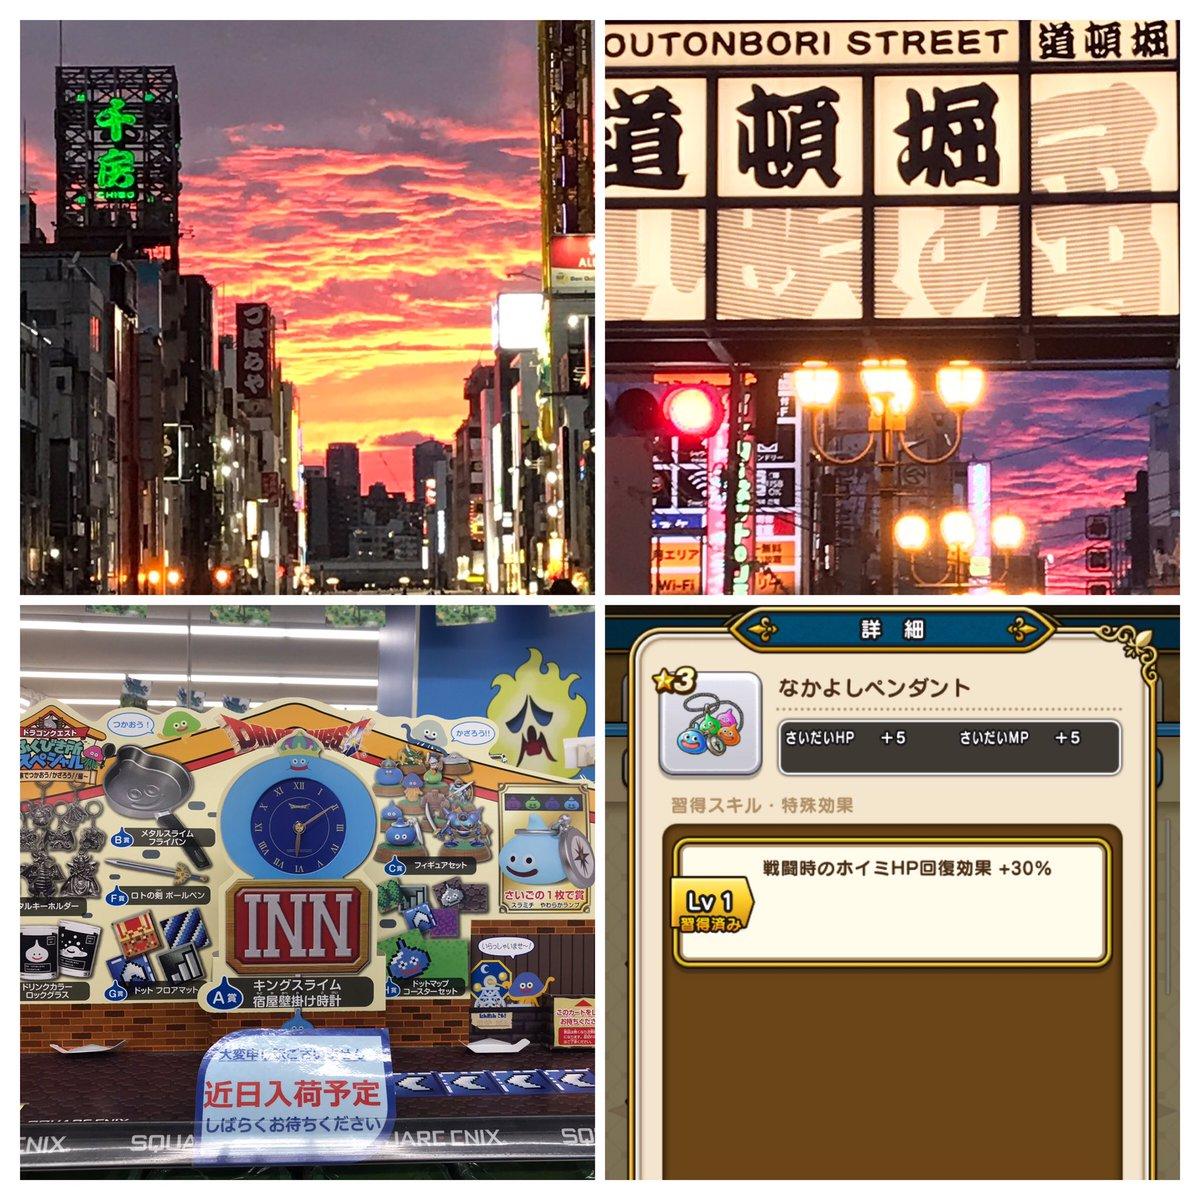 test ツイッターメディア - とあるフォロワーさんとその知人の3人で日本橋のドラクエローソンまで一緒に冒険してきました。 肝心のドラクエくじはまさかの売り切れ😱  気を取り直して一緒にメガモンを3匹討伐。無事5000歩も達成し、なかよしペンダントをGET🤩  最後に飲んだ日本酒がいつもより美味しく感じた連休最終日でした😊 https://t.co/KC55VDBz0s